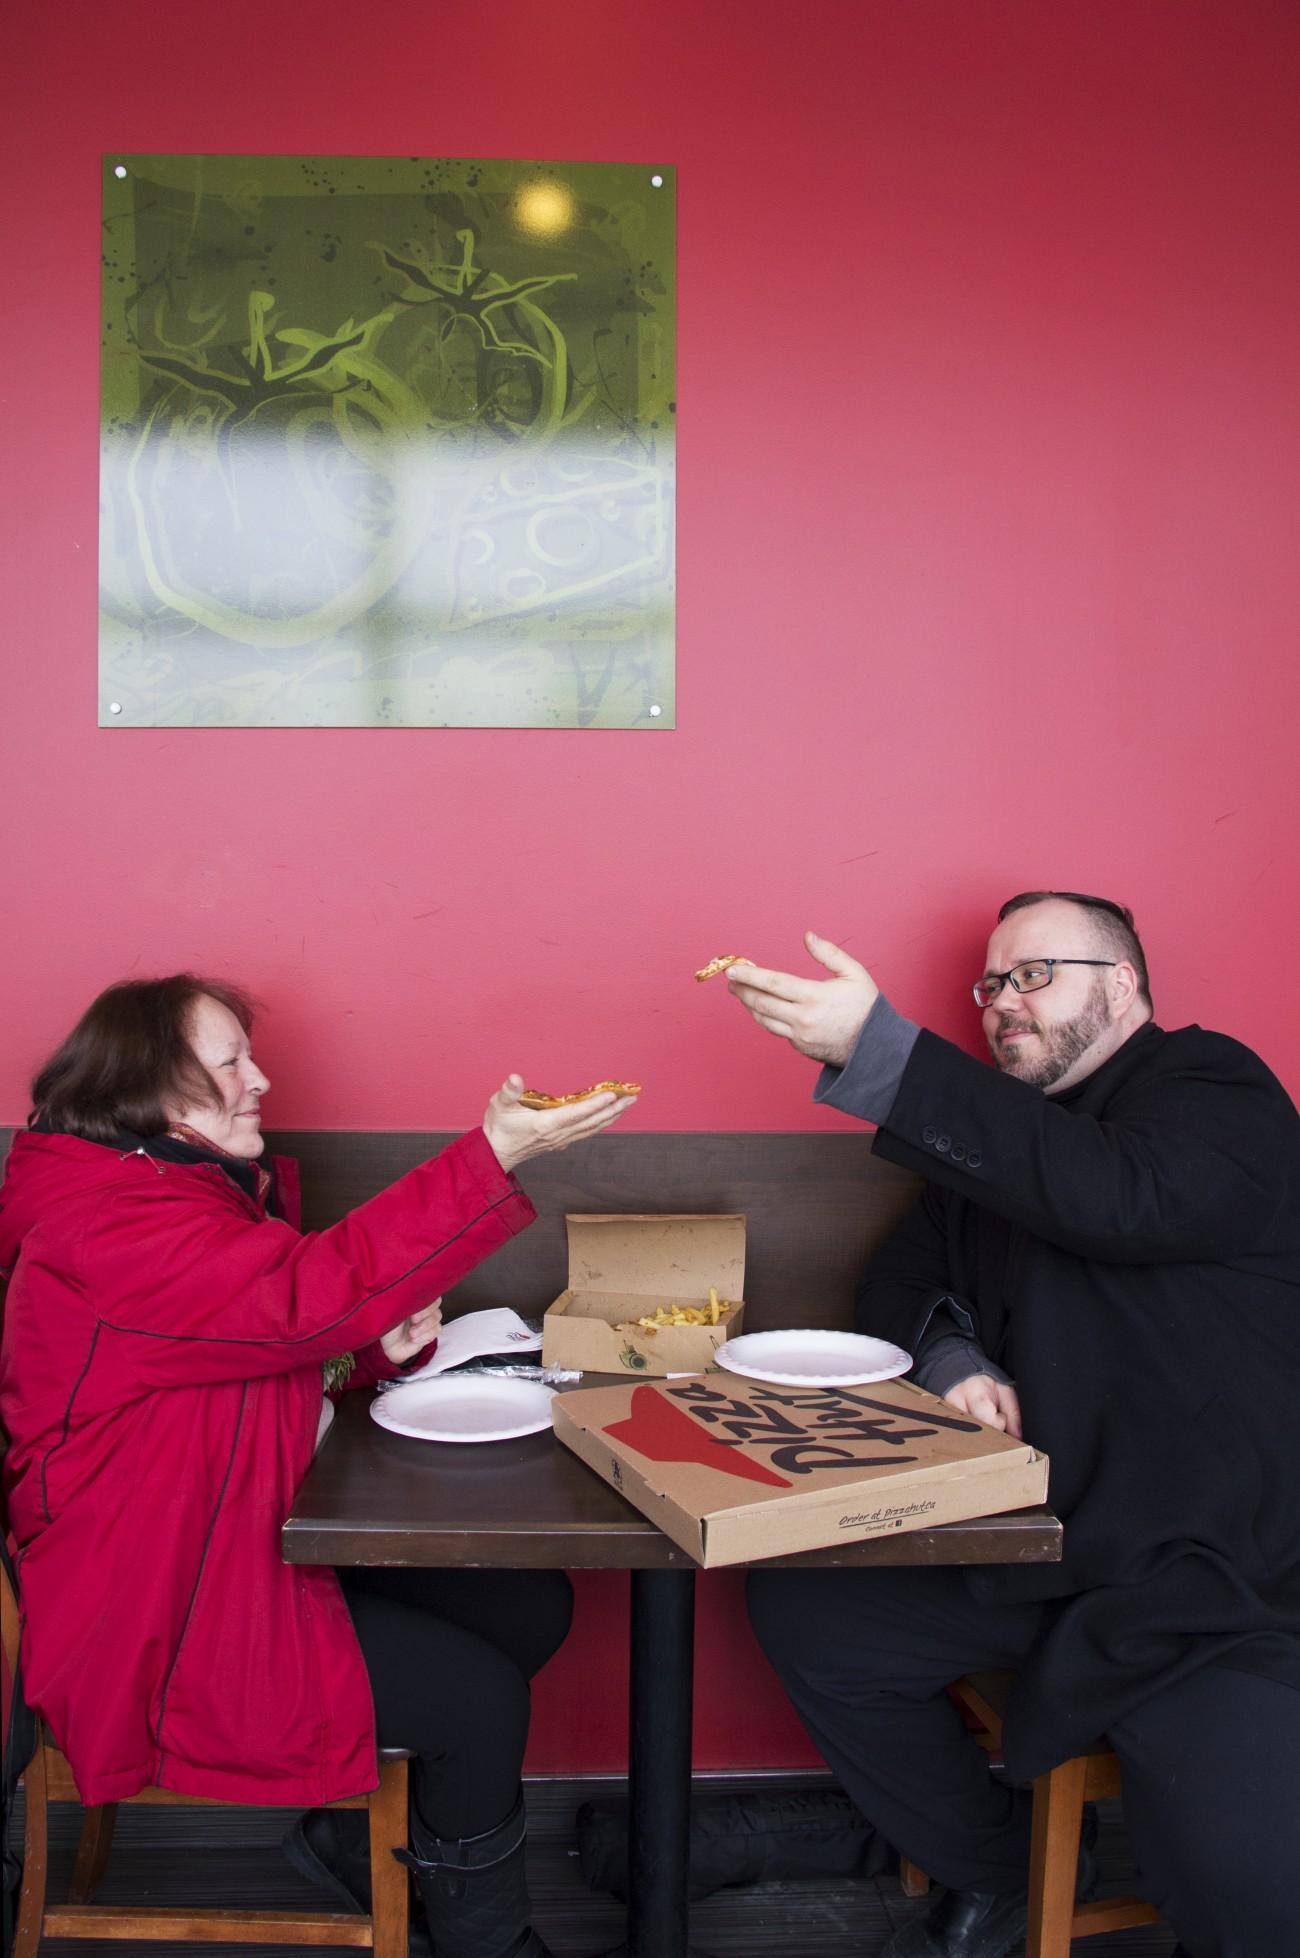 Steve Giasson. Performance invisible n° 93 (Manger une pointe de pizza chez Pizza Hut. S'exclamer, avant de prendre une première bouchée : Vive Gorbatchev !) Performeurs : Andrée Boivin et Steve Giasson. Crédit photographique : Daniel Roy. 27 février 2016.